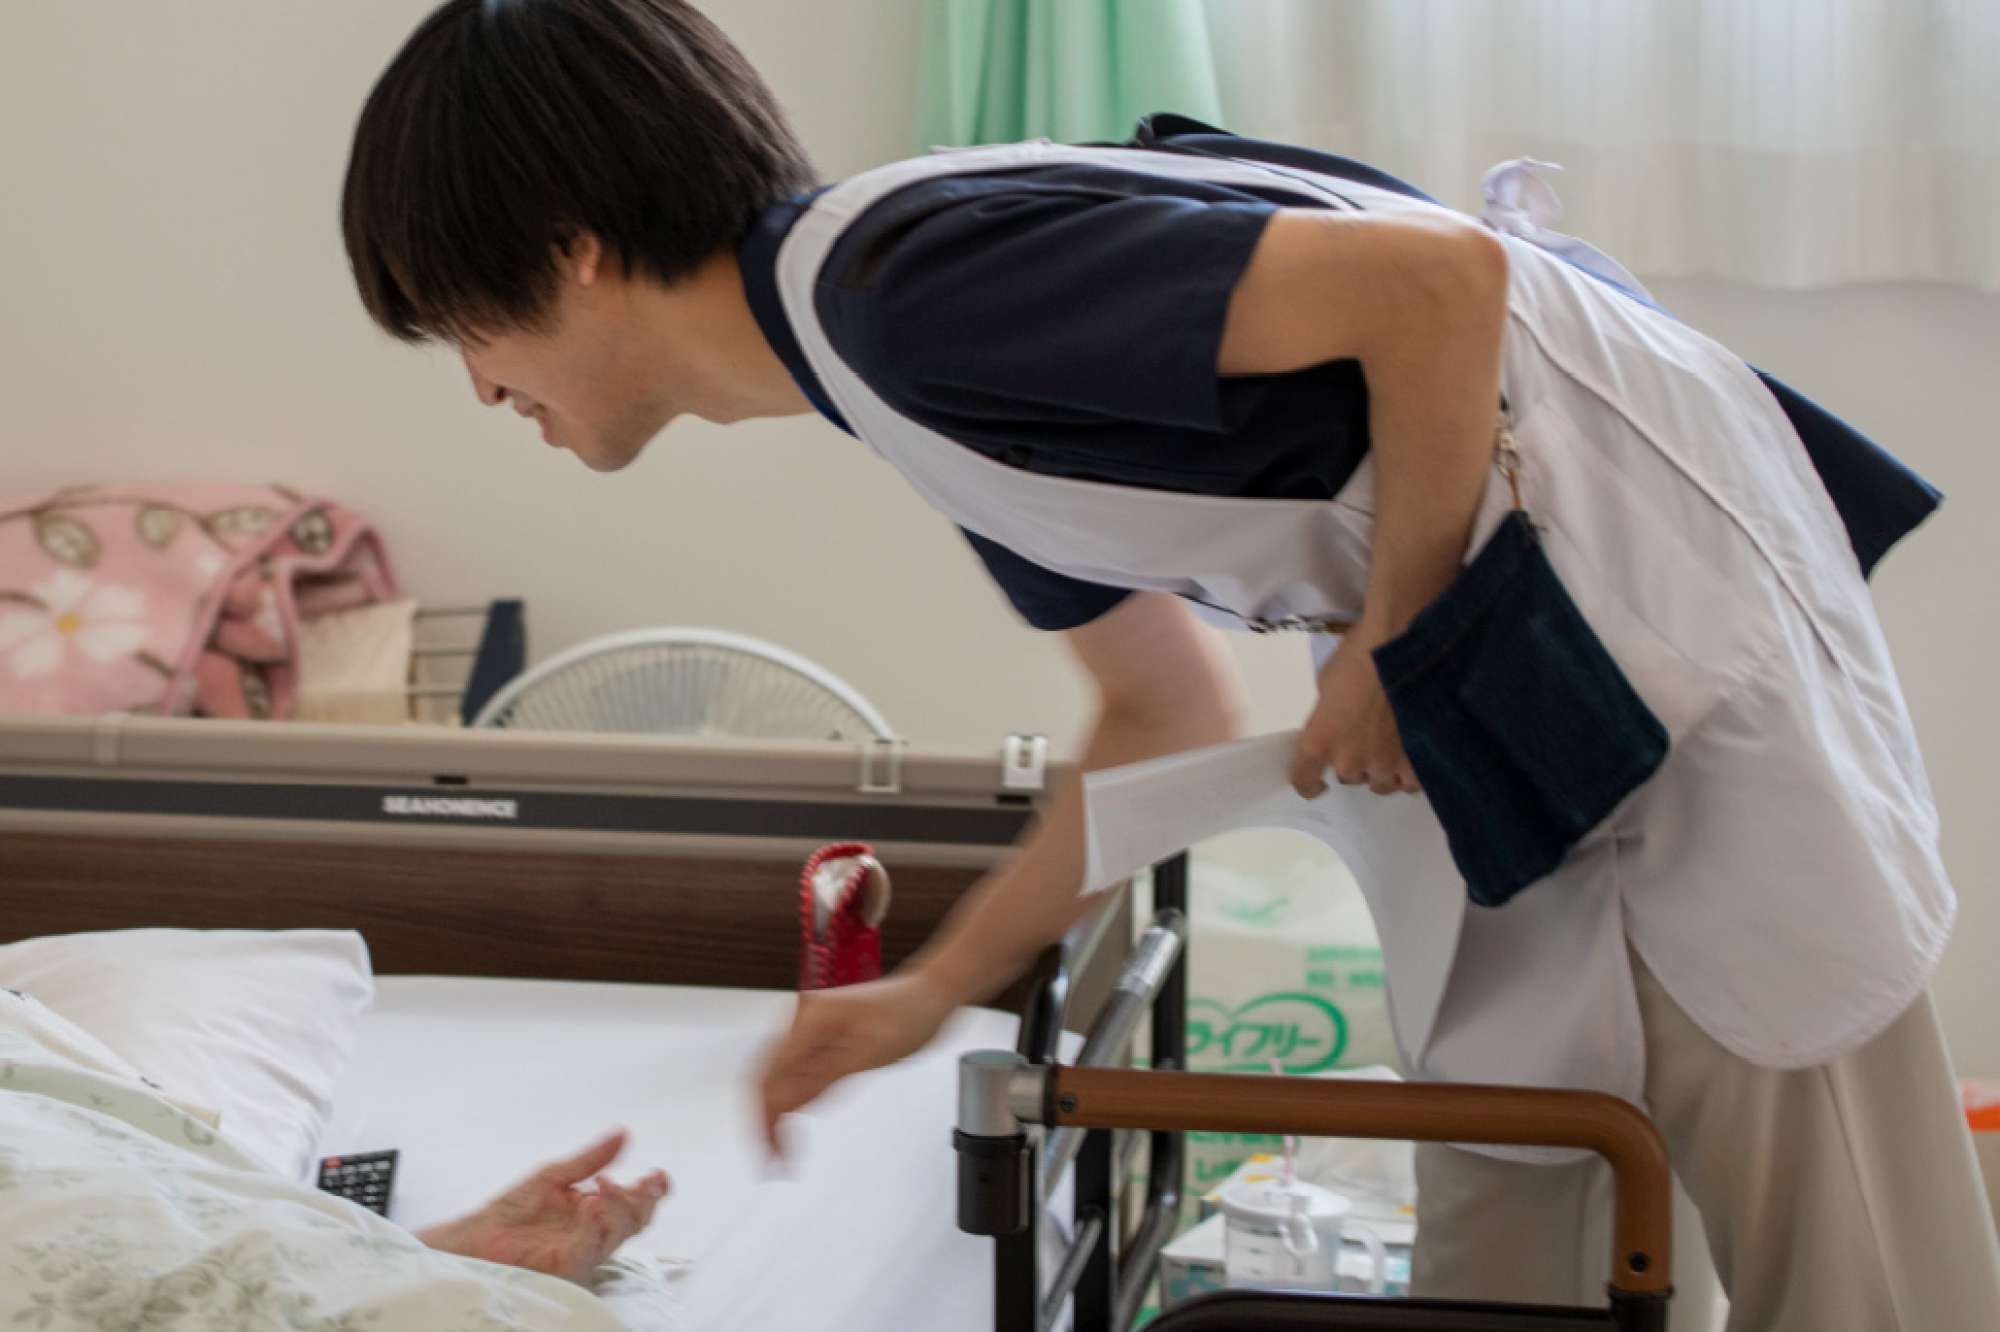 鈴木内科医院で働こうと思ったきっかけは? - 北海道情報大学にいて就職活動中に介護職を見たとき、利用者さまから直接「ありがとう」と言われる仕事だと知り、非常にやりがいがあると思いました。個人的には、毎日人と顔を合わせて、コミュニケーションが取れる仕事を探していたんです。また。事務長のサッカーやフットサルが好きなこともポイントでしたね。 -  -